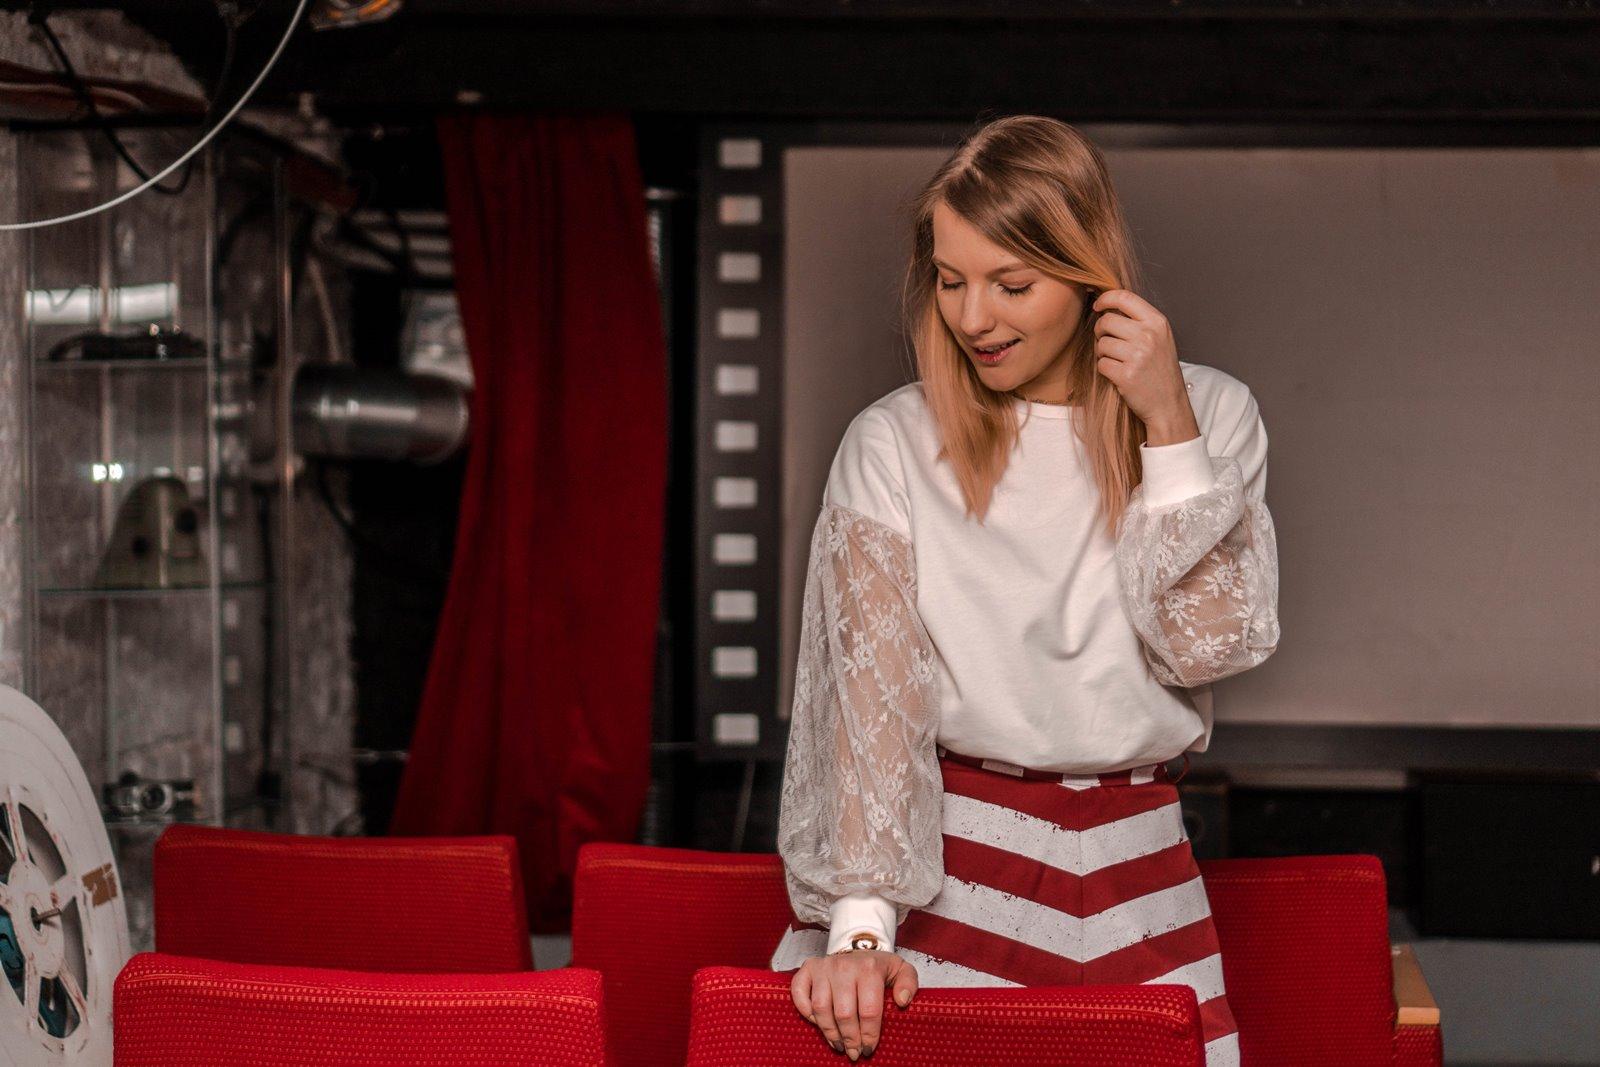 1 Skirt story spódnice szyte na miarę krawiectwo krawcowa online pomysł na prezent dla żony narzeczonej mamy szycie spódnic kraków łódź stylowe hotele stare kino w łodzi opinie recenzje pokoje gdzie się zatrzymać